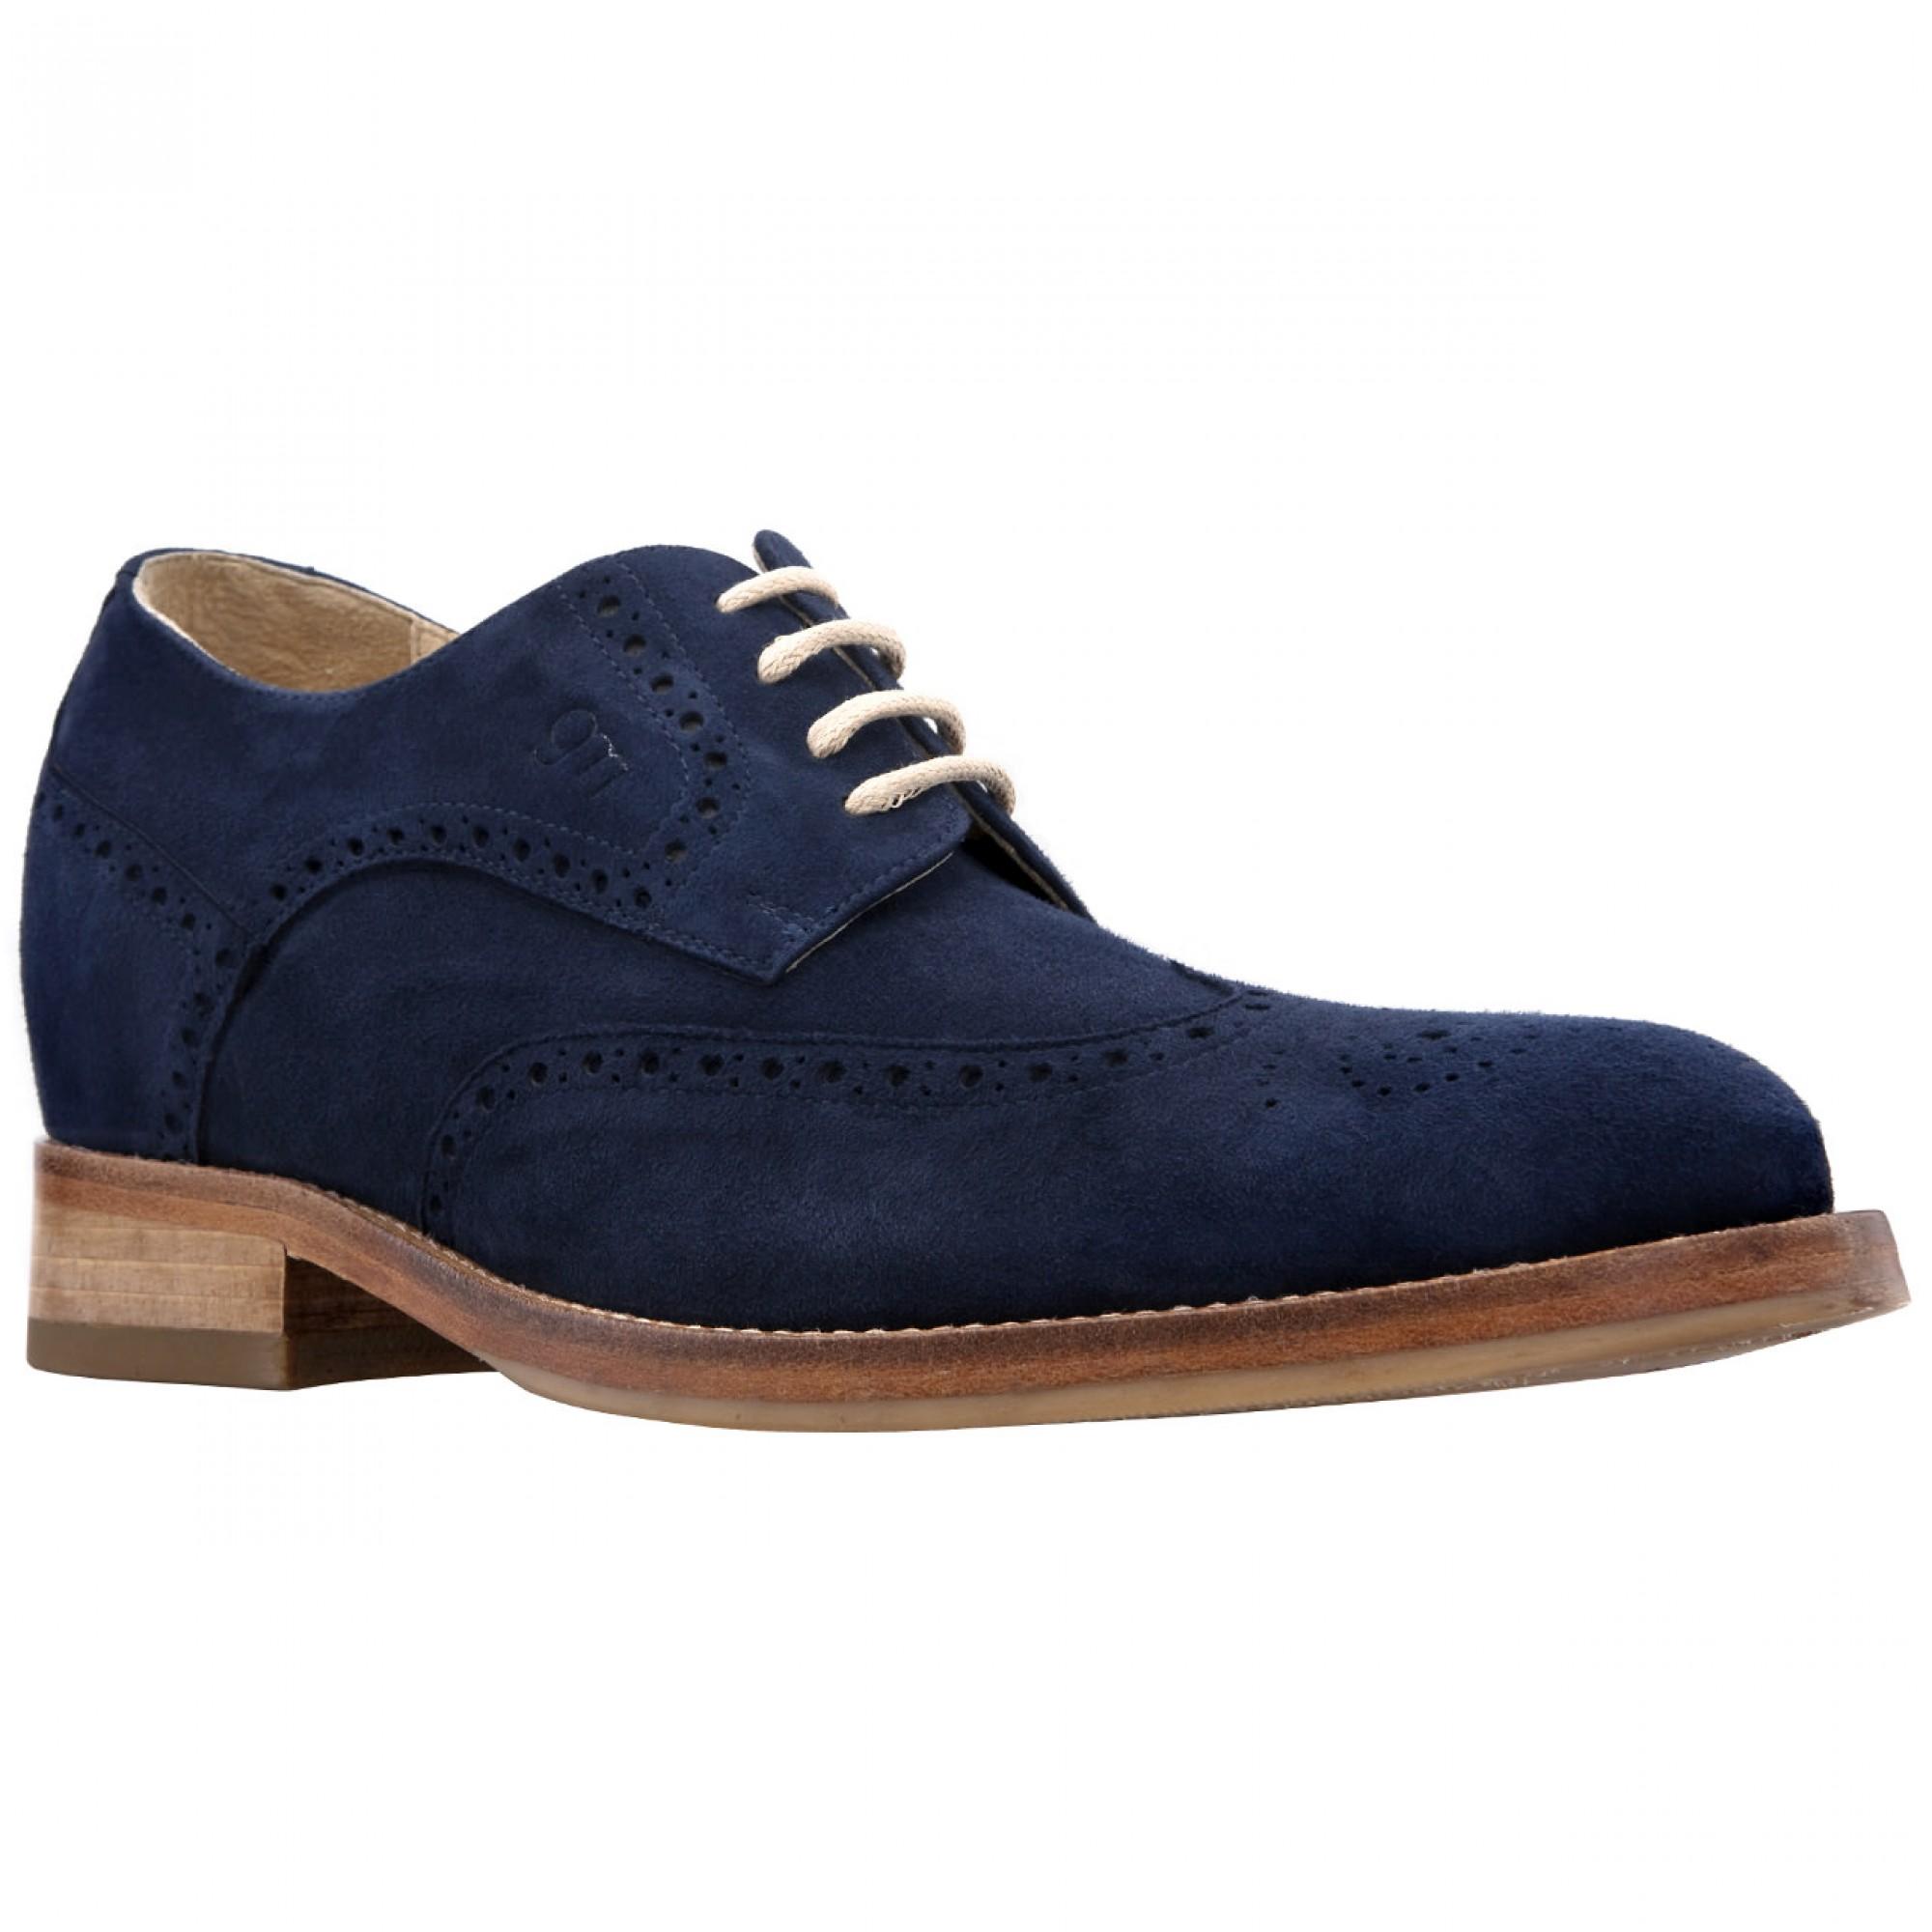 men's shoes with heels